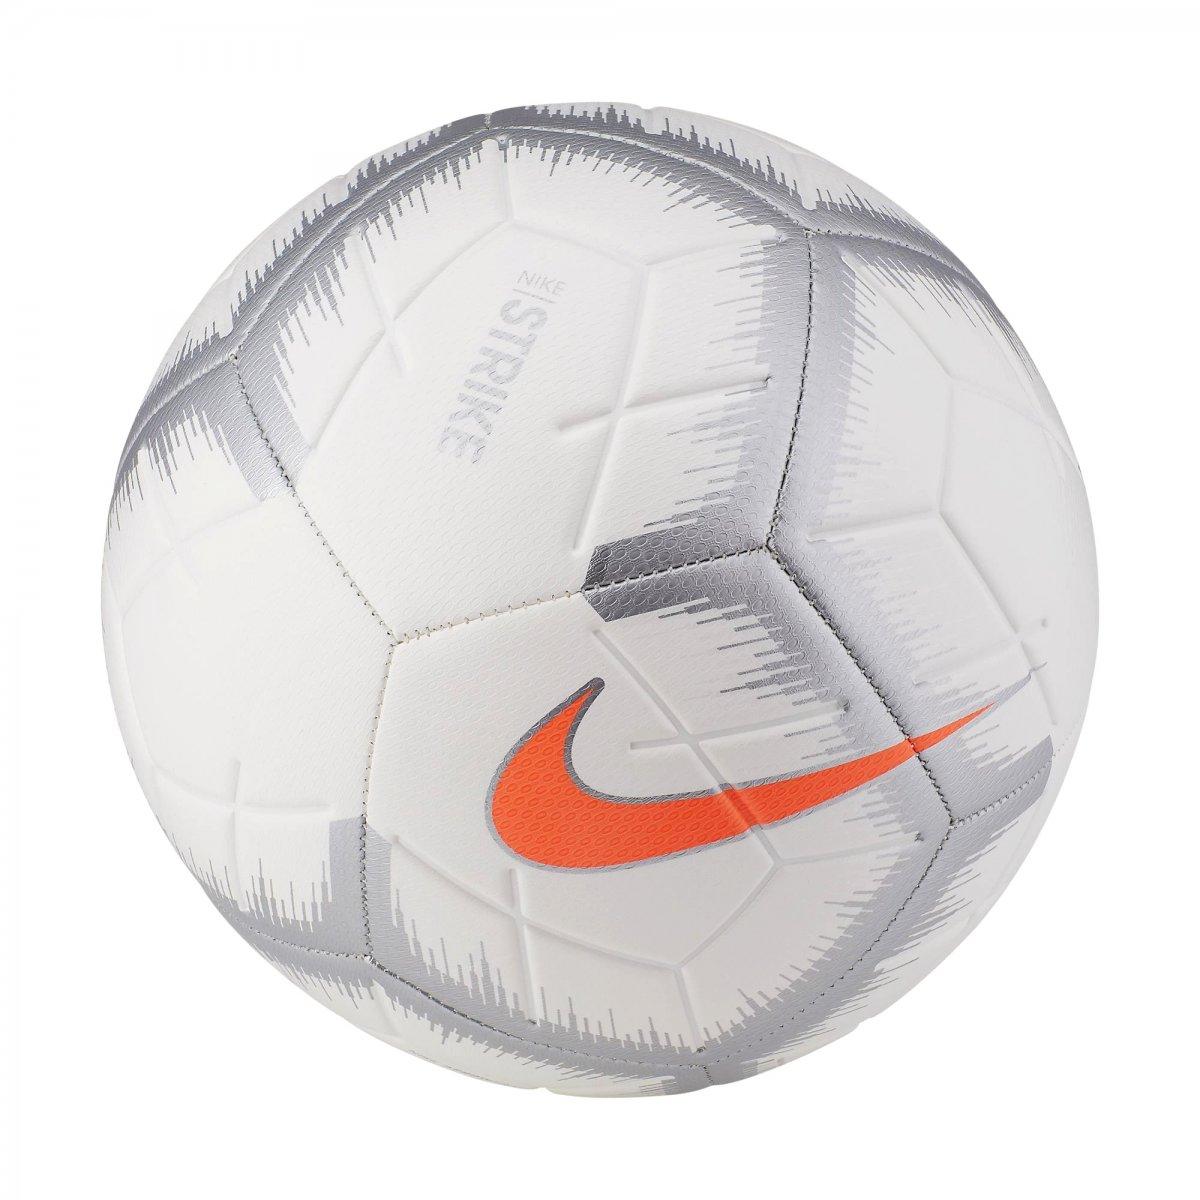 ac188e5a61 Bola Campo Nike Strike Event Pack SC3496 100 - Branco - Botas Online ...